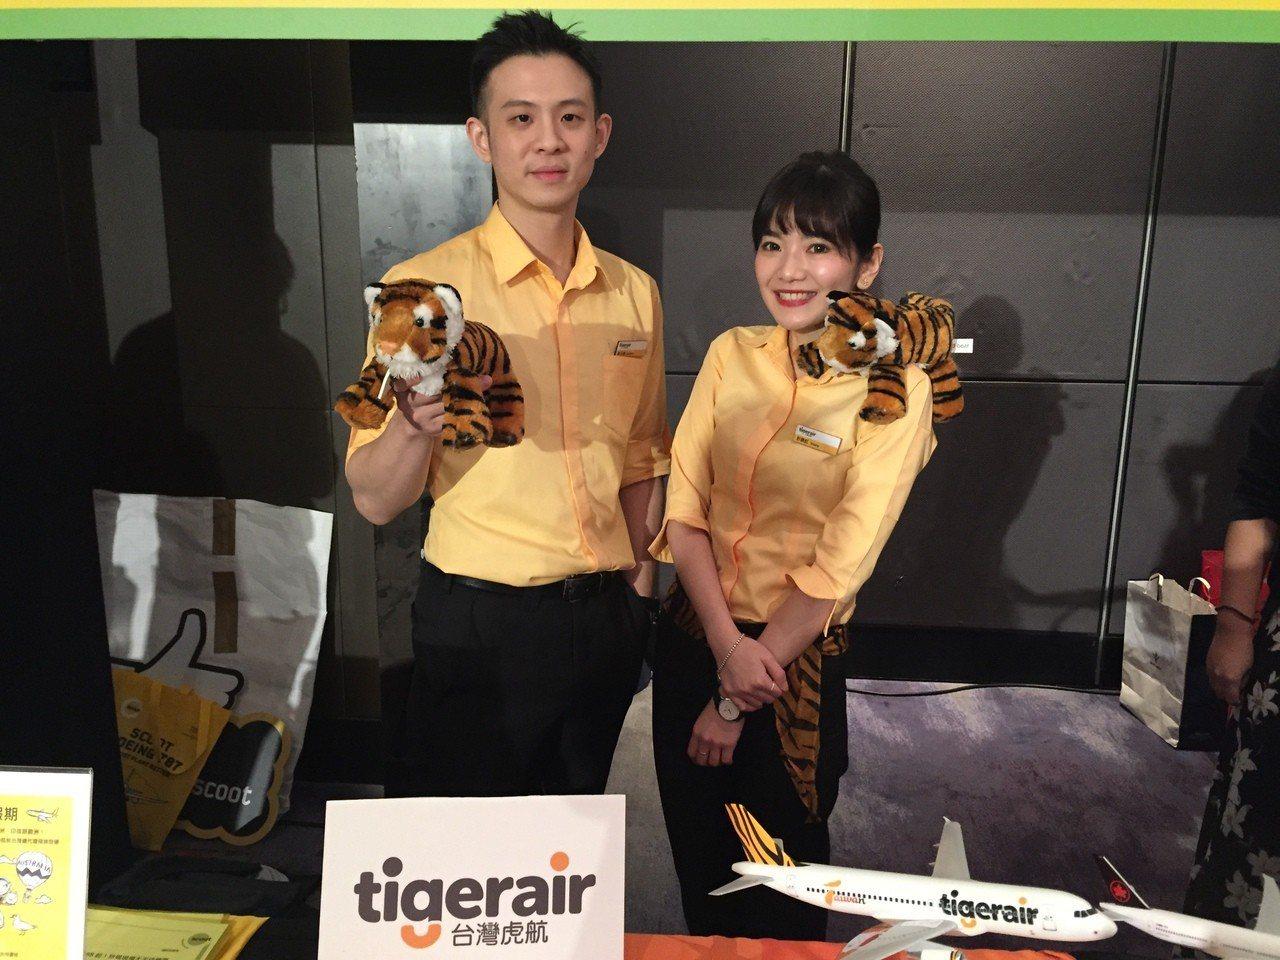 示意圖。台灣虎航於今年5月中招募的第十三批空服員,已於日前報到,本次報到的新進人...